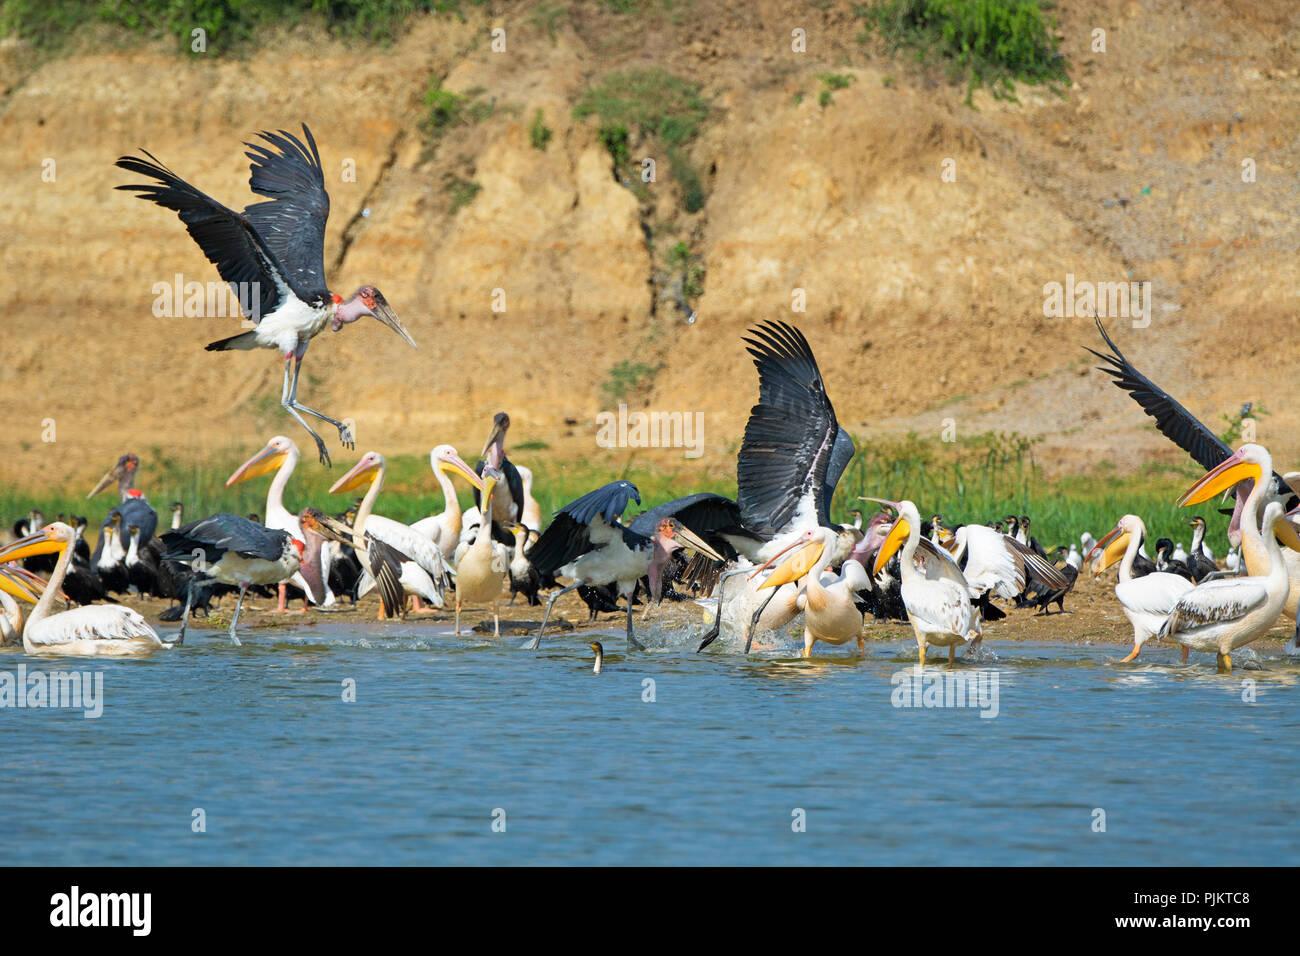 Gran pelícanos blancos, Pelican, Blanco Breasted Cormorán, cormoranes y cigüeñas Marabú, Aves Kazinga Channel, el Parque Nacional Queen Elizabeth, Uganda Imagen De Stock